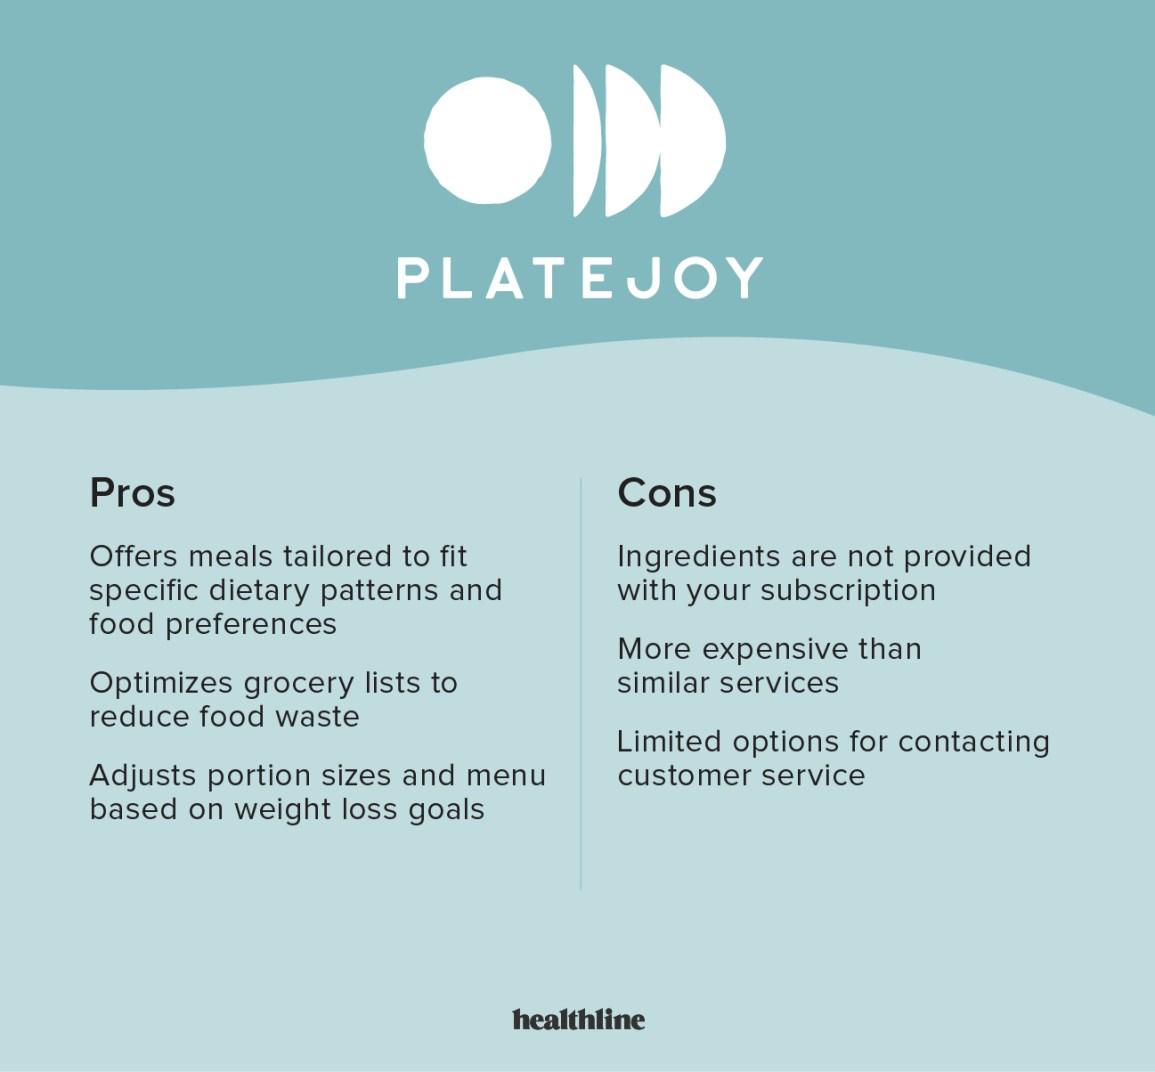 Table pro-con PlateJoy